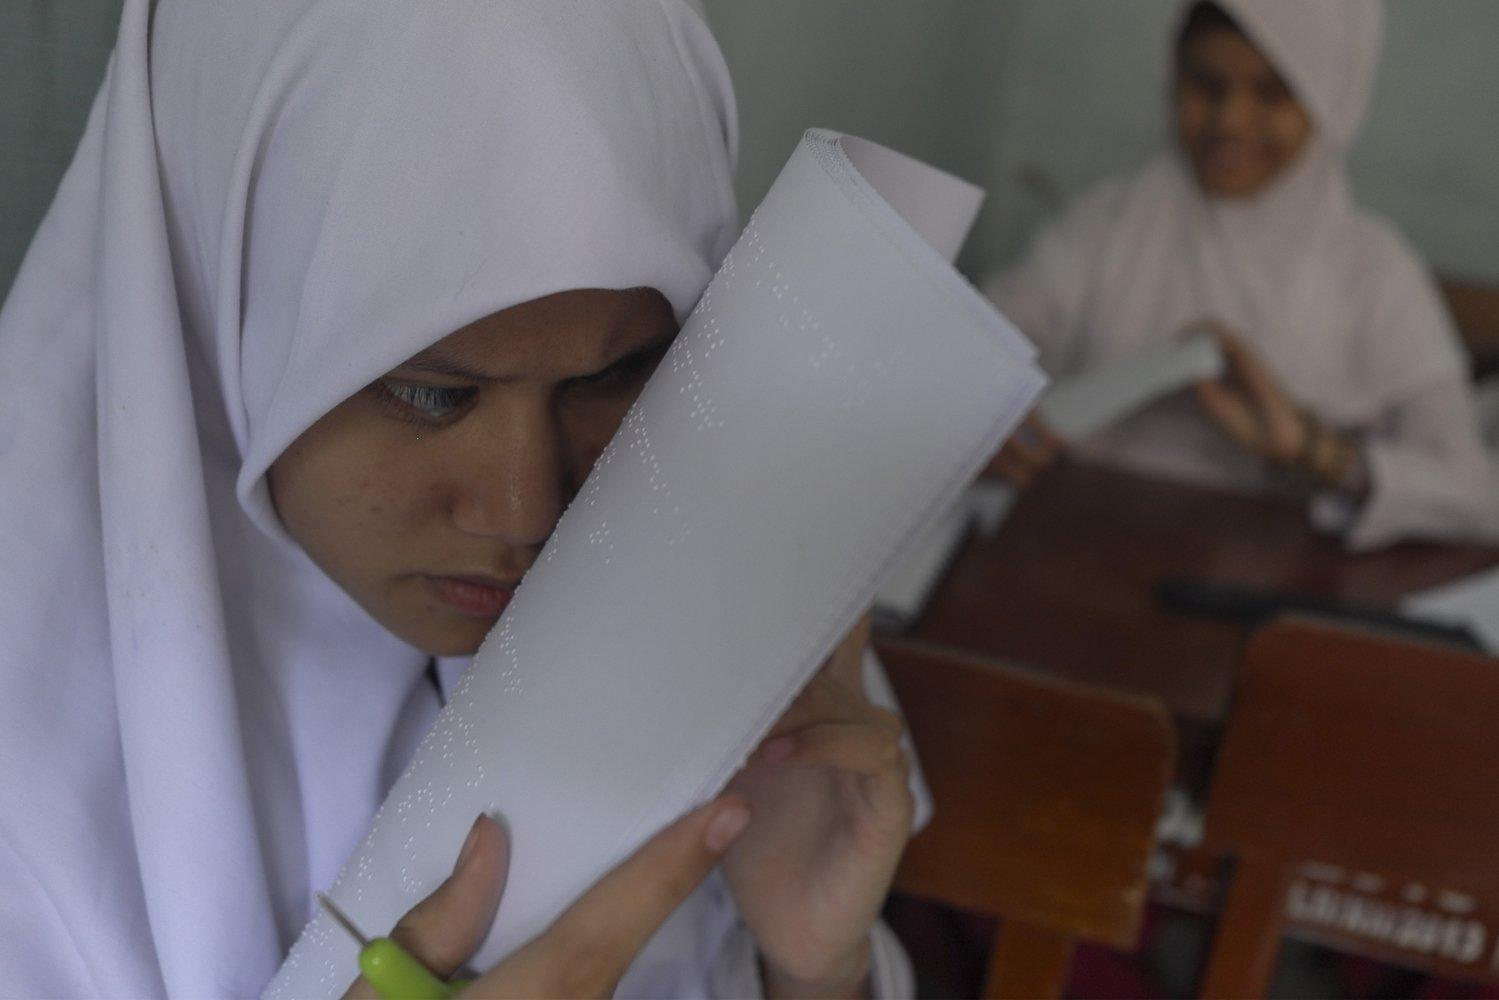 Siswa kelas 6 SLB A/YKAB Surakarta membaca soal dengan naskah braile saat mengikuti ujian sekolah di Solo, Jawa Tengah, Senin (2/12/2019). Kegiatan tersebut untuk membiasakan siswa mengerjakan soal guna persiapan ujian sekolah nasional pada 2020.